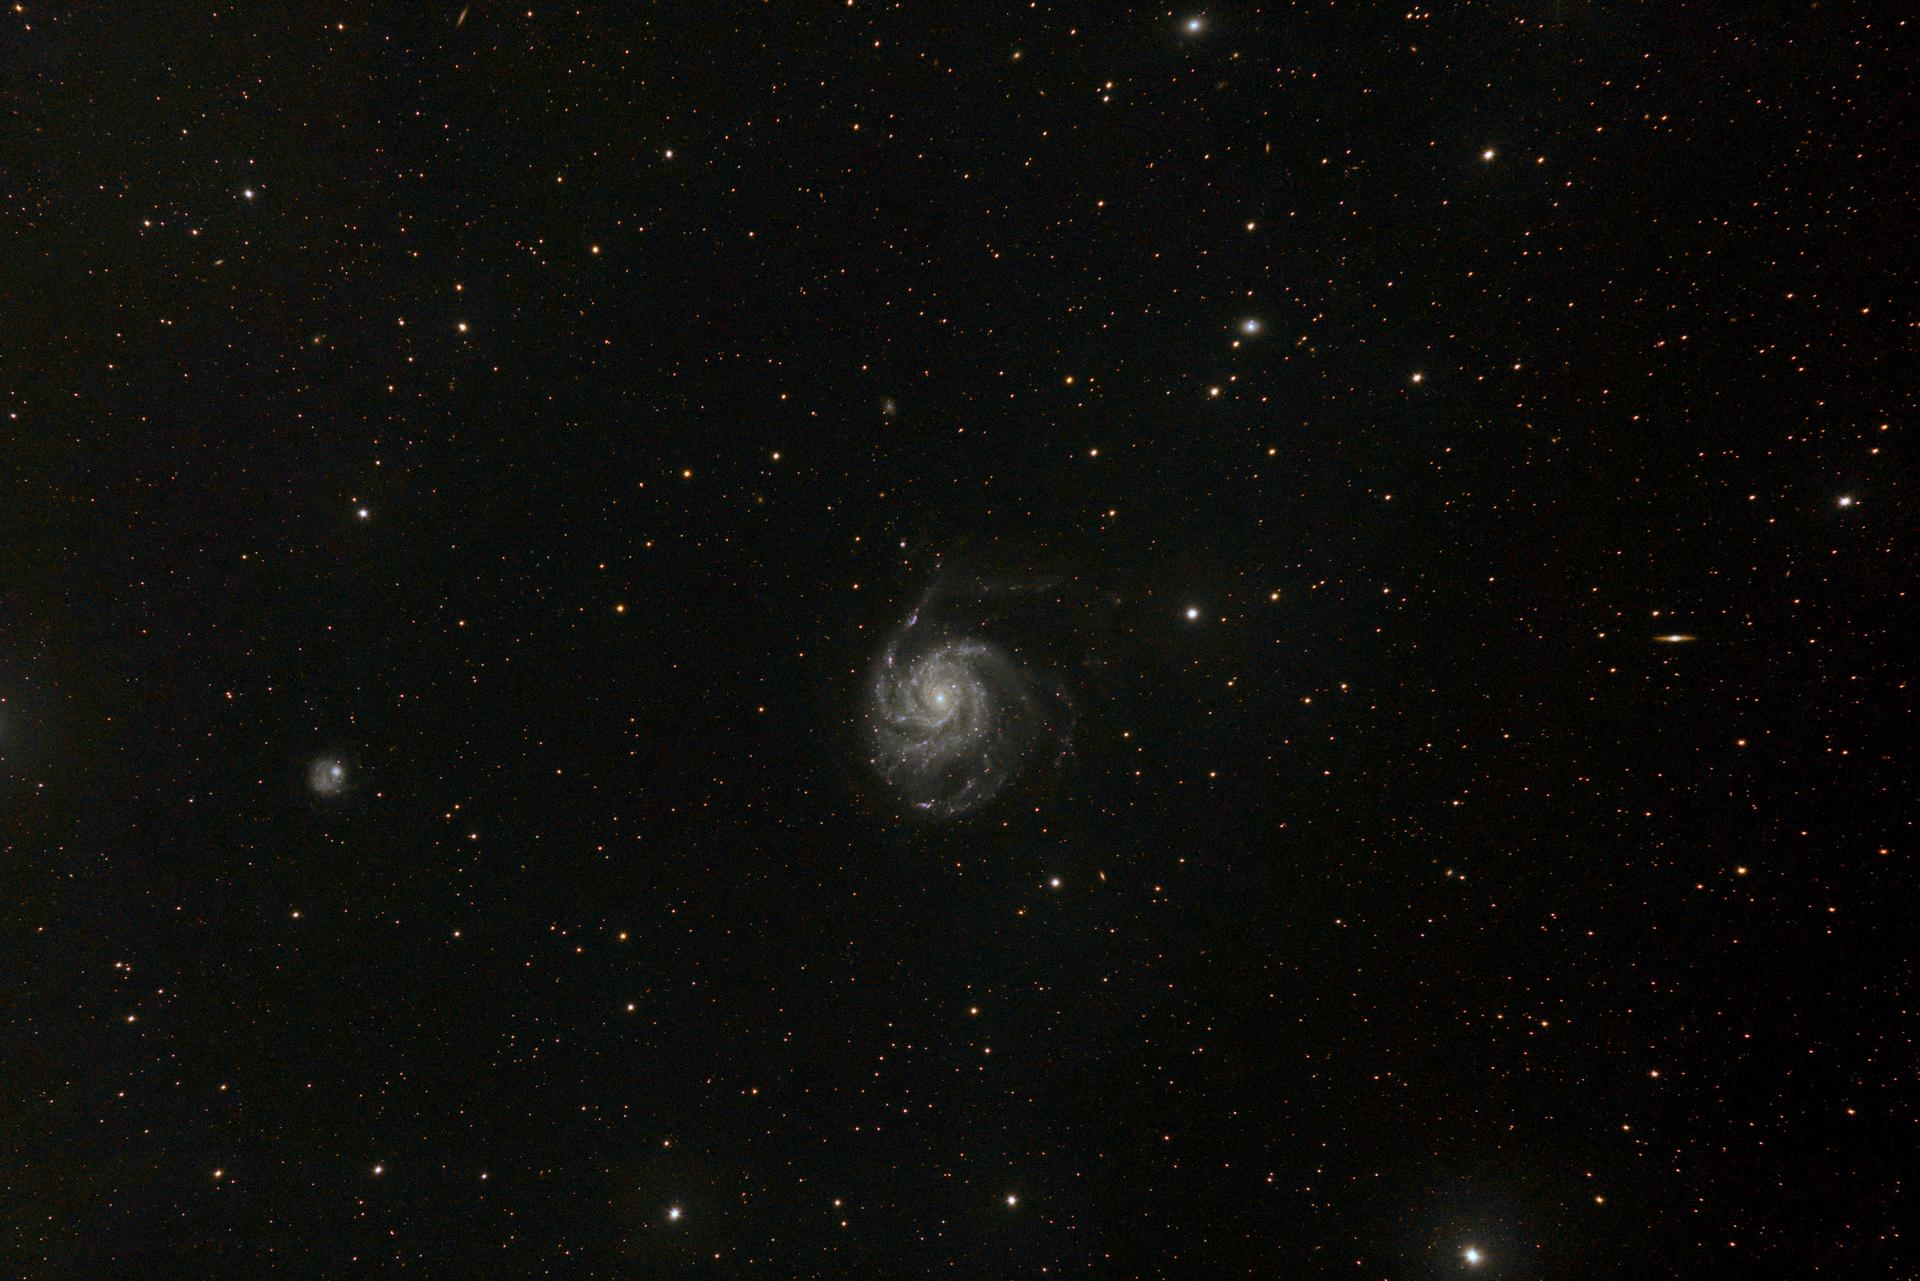 M101_fsq106_60x30s_60x60s_3200iso_t.jpg